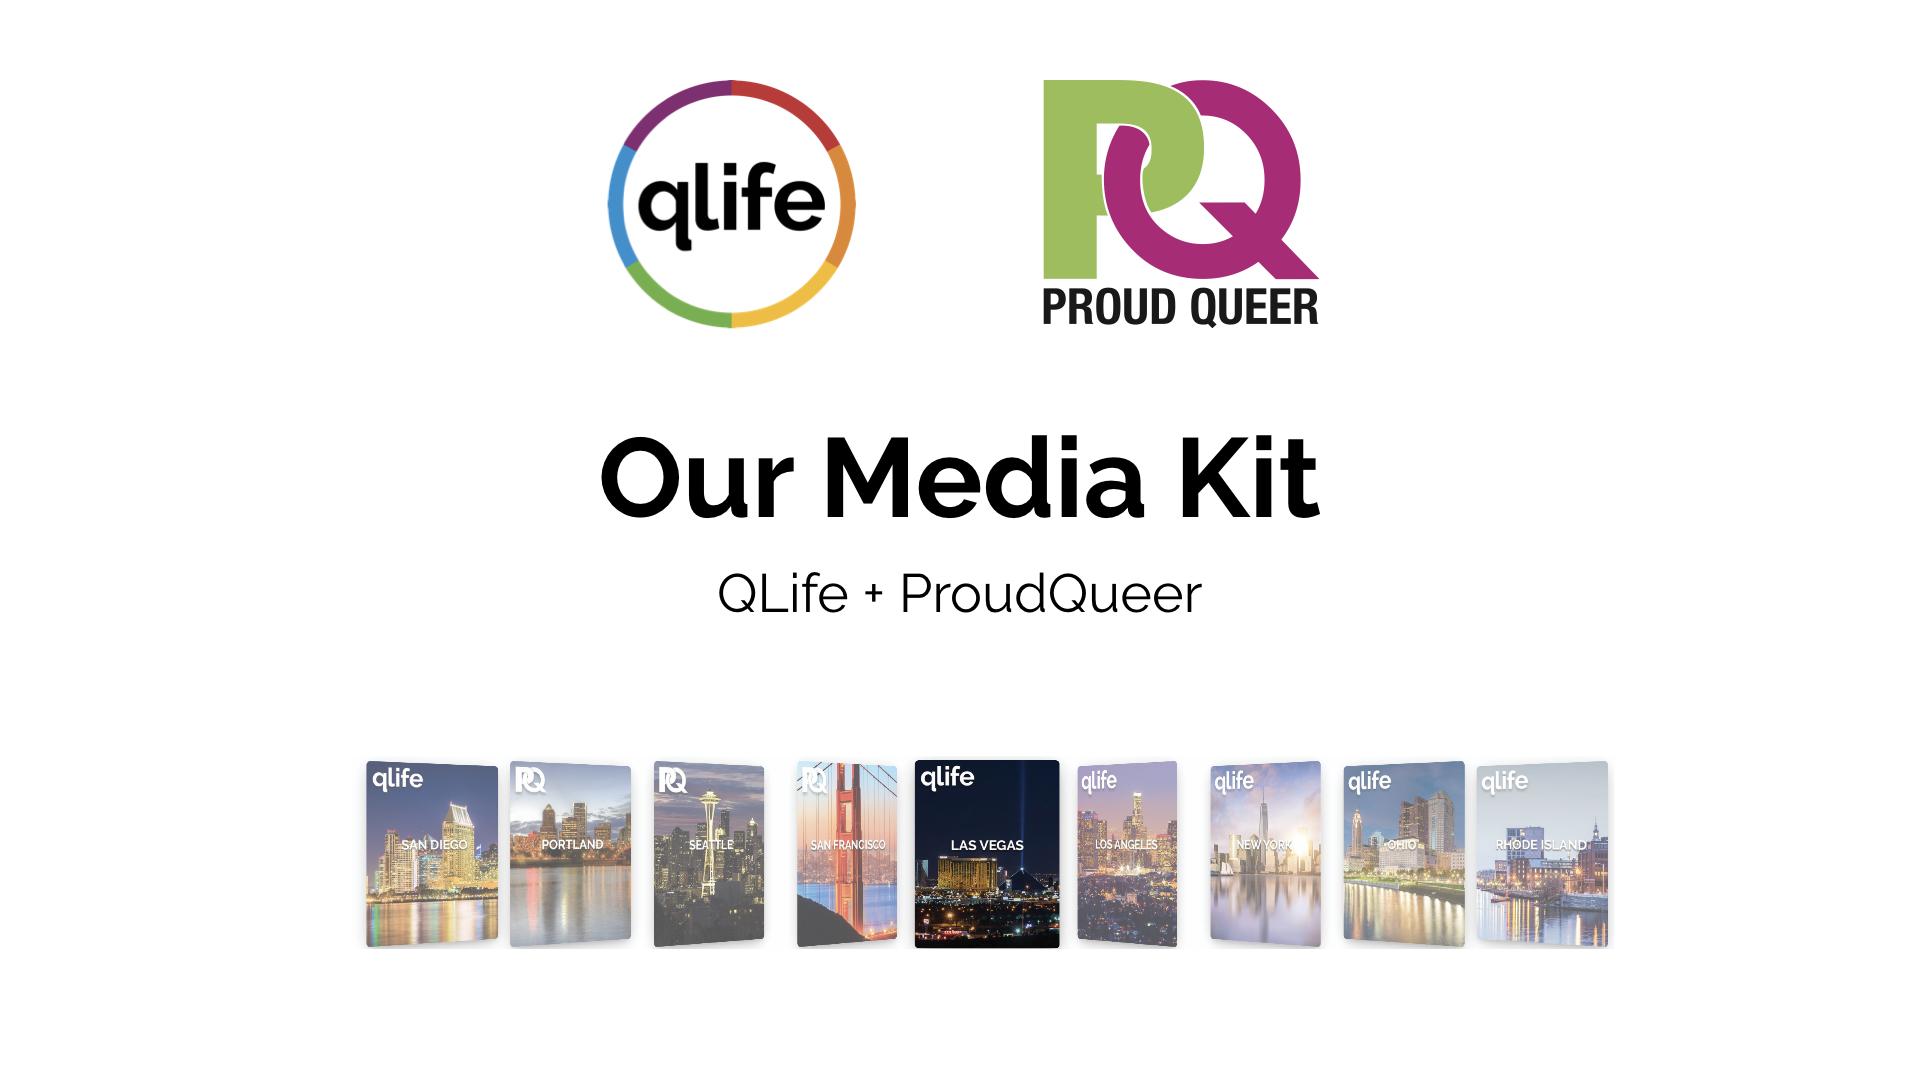 Our Media Kit